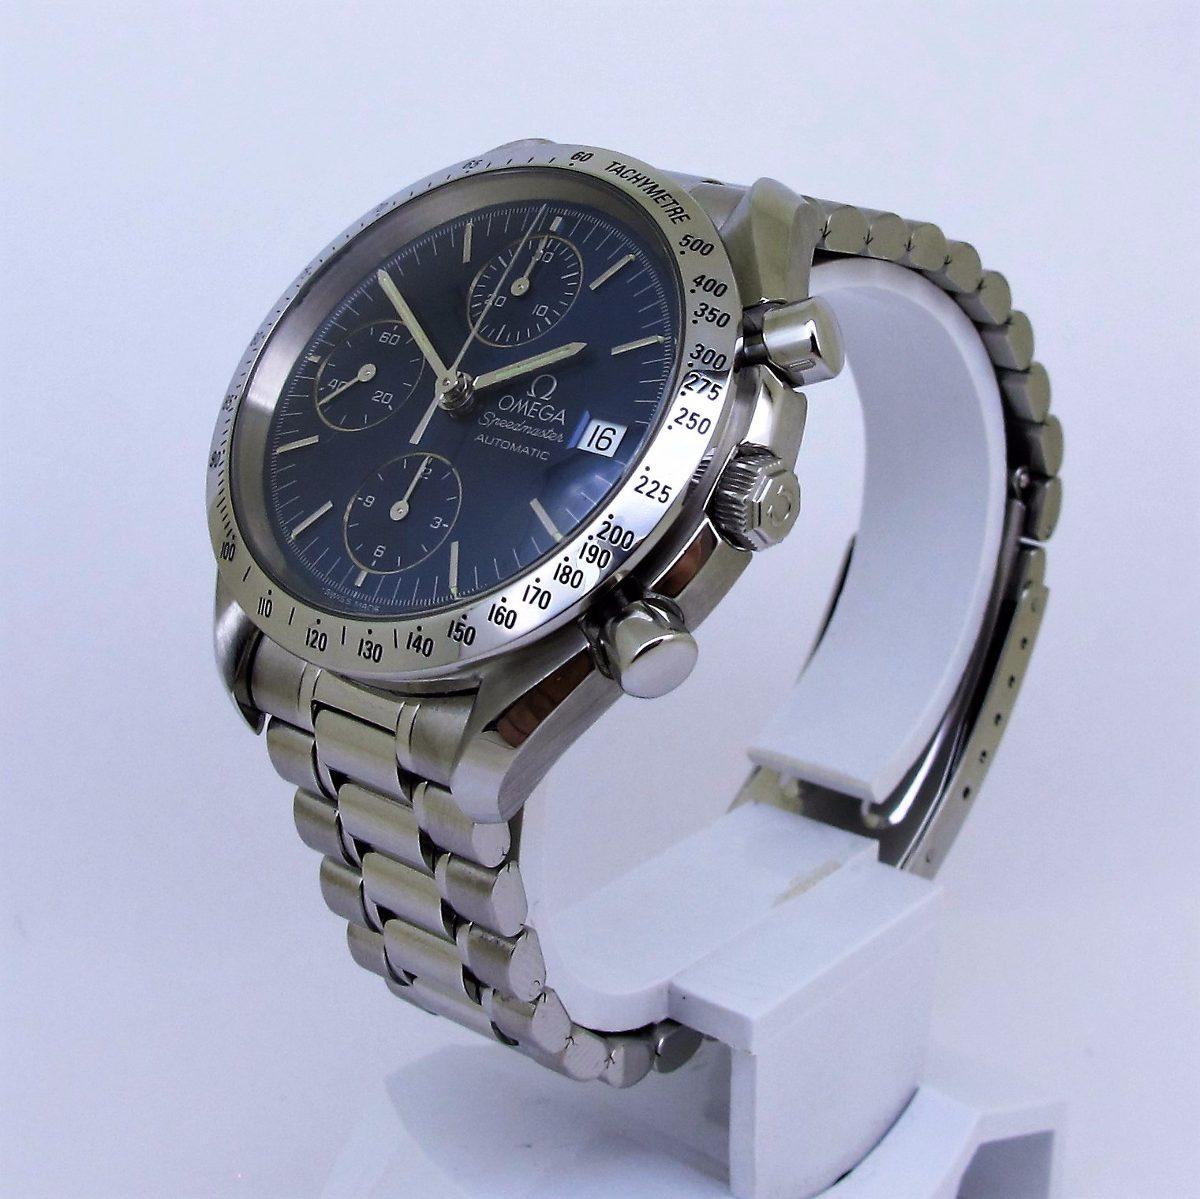 ce623182f48 omega speedmaster blue dial - 3511.80. Carregando zoom.